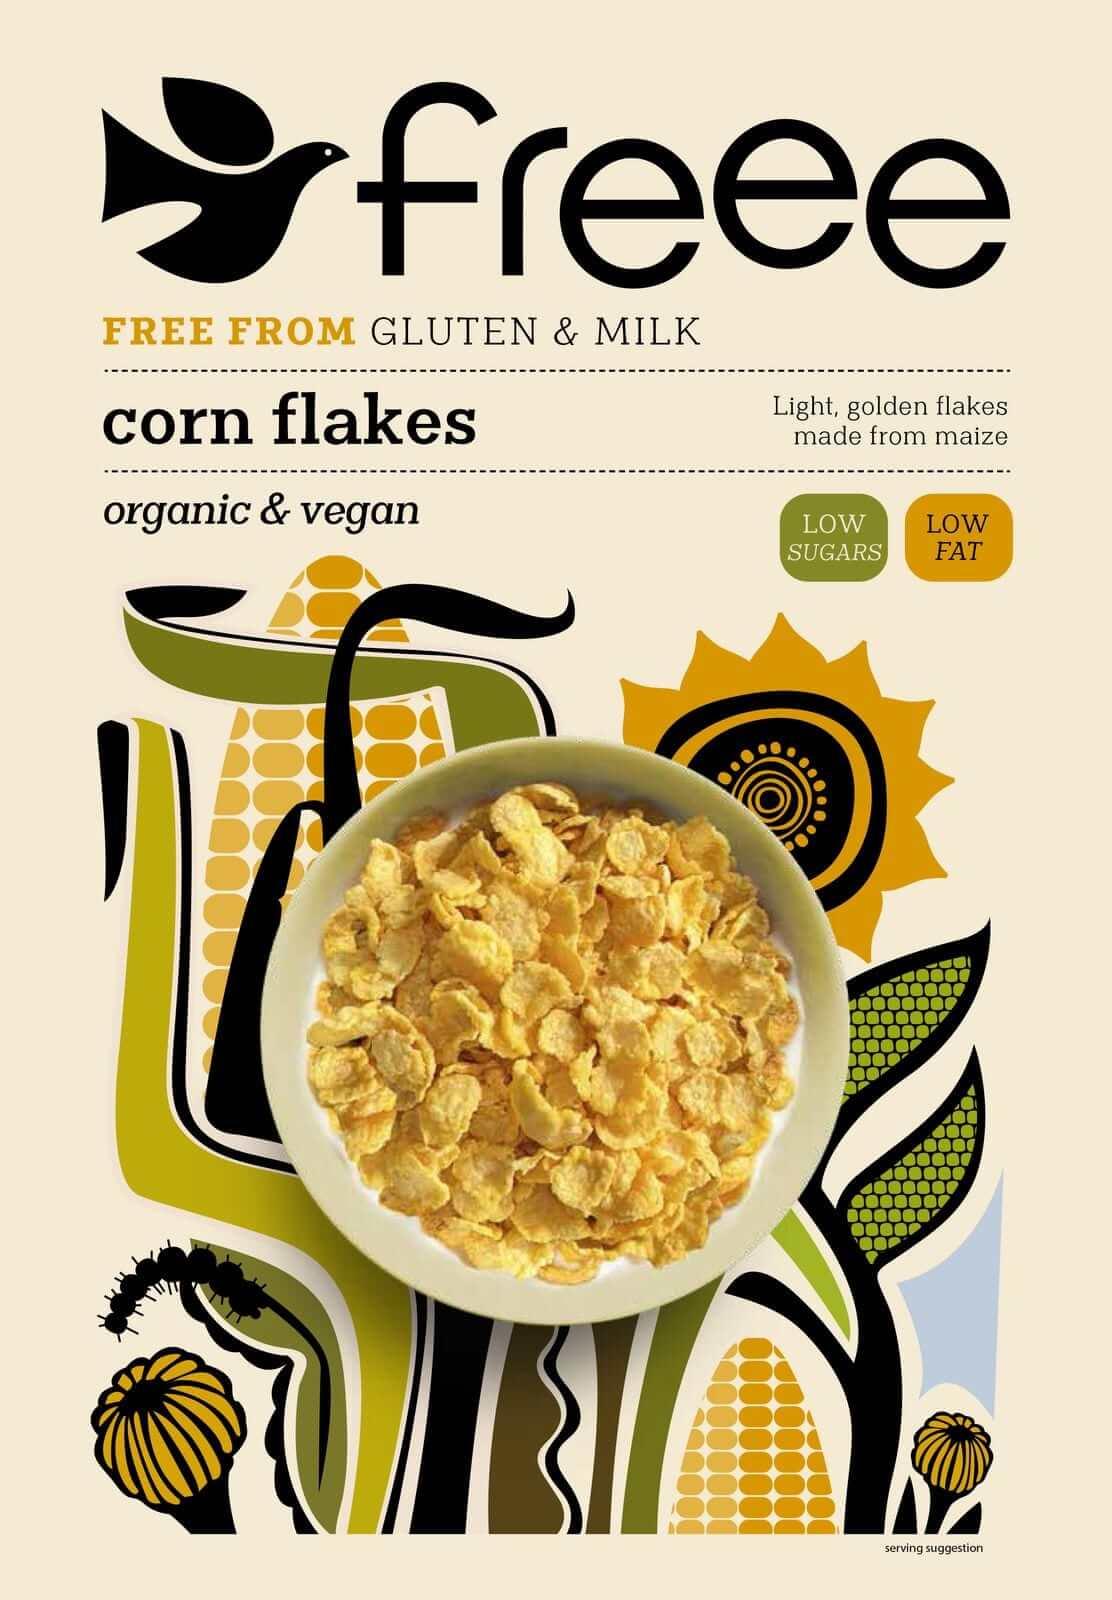 דגני בוקר פתיתי תירס קלויים ללא גלוטן – FREEE